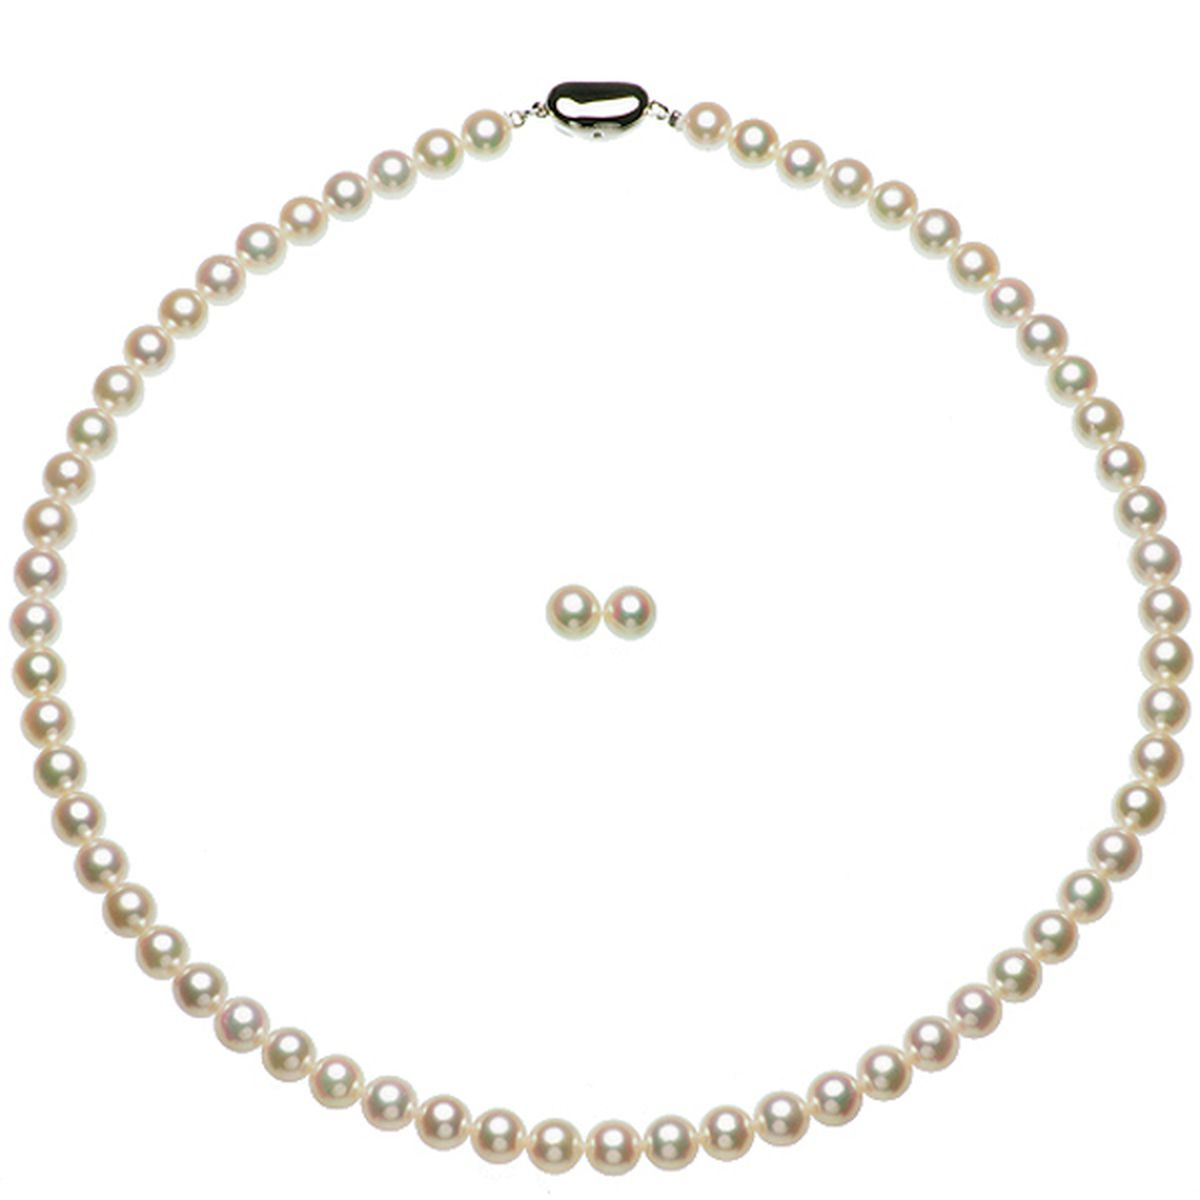 アコヤ 花珠 真珠 フォーマル セット 約6.5-7.0mmの写真